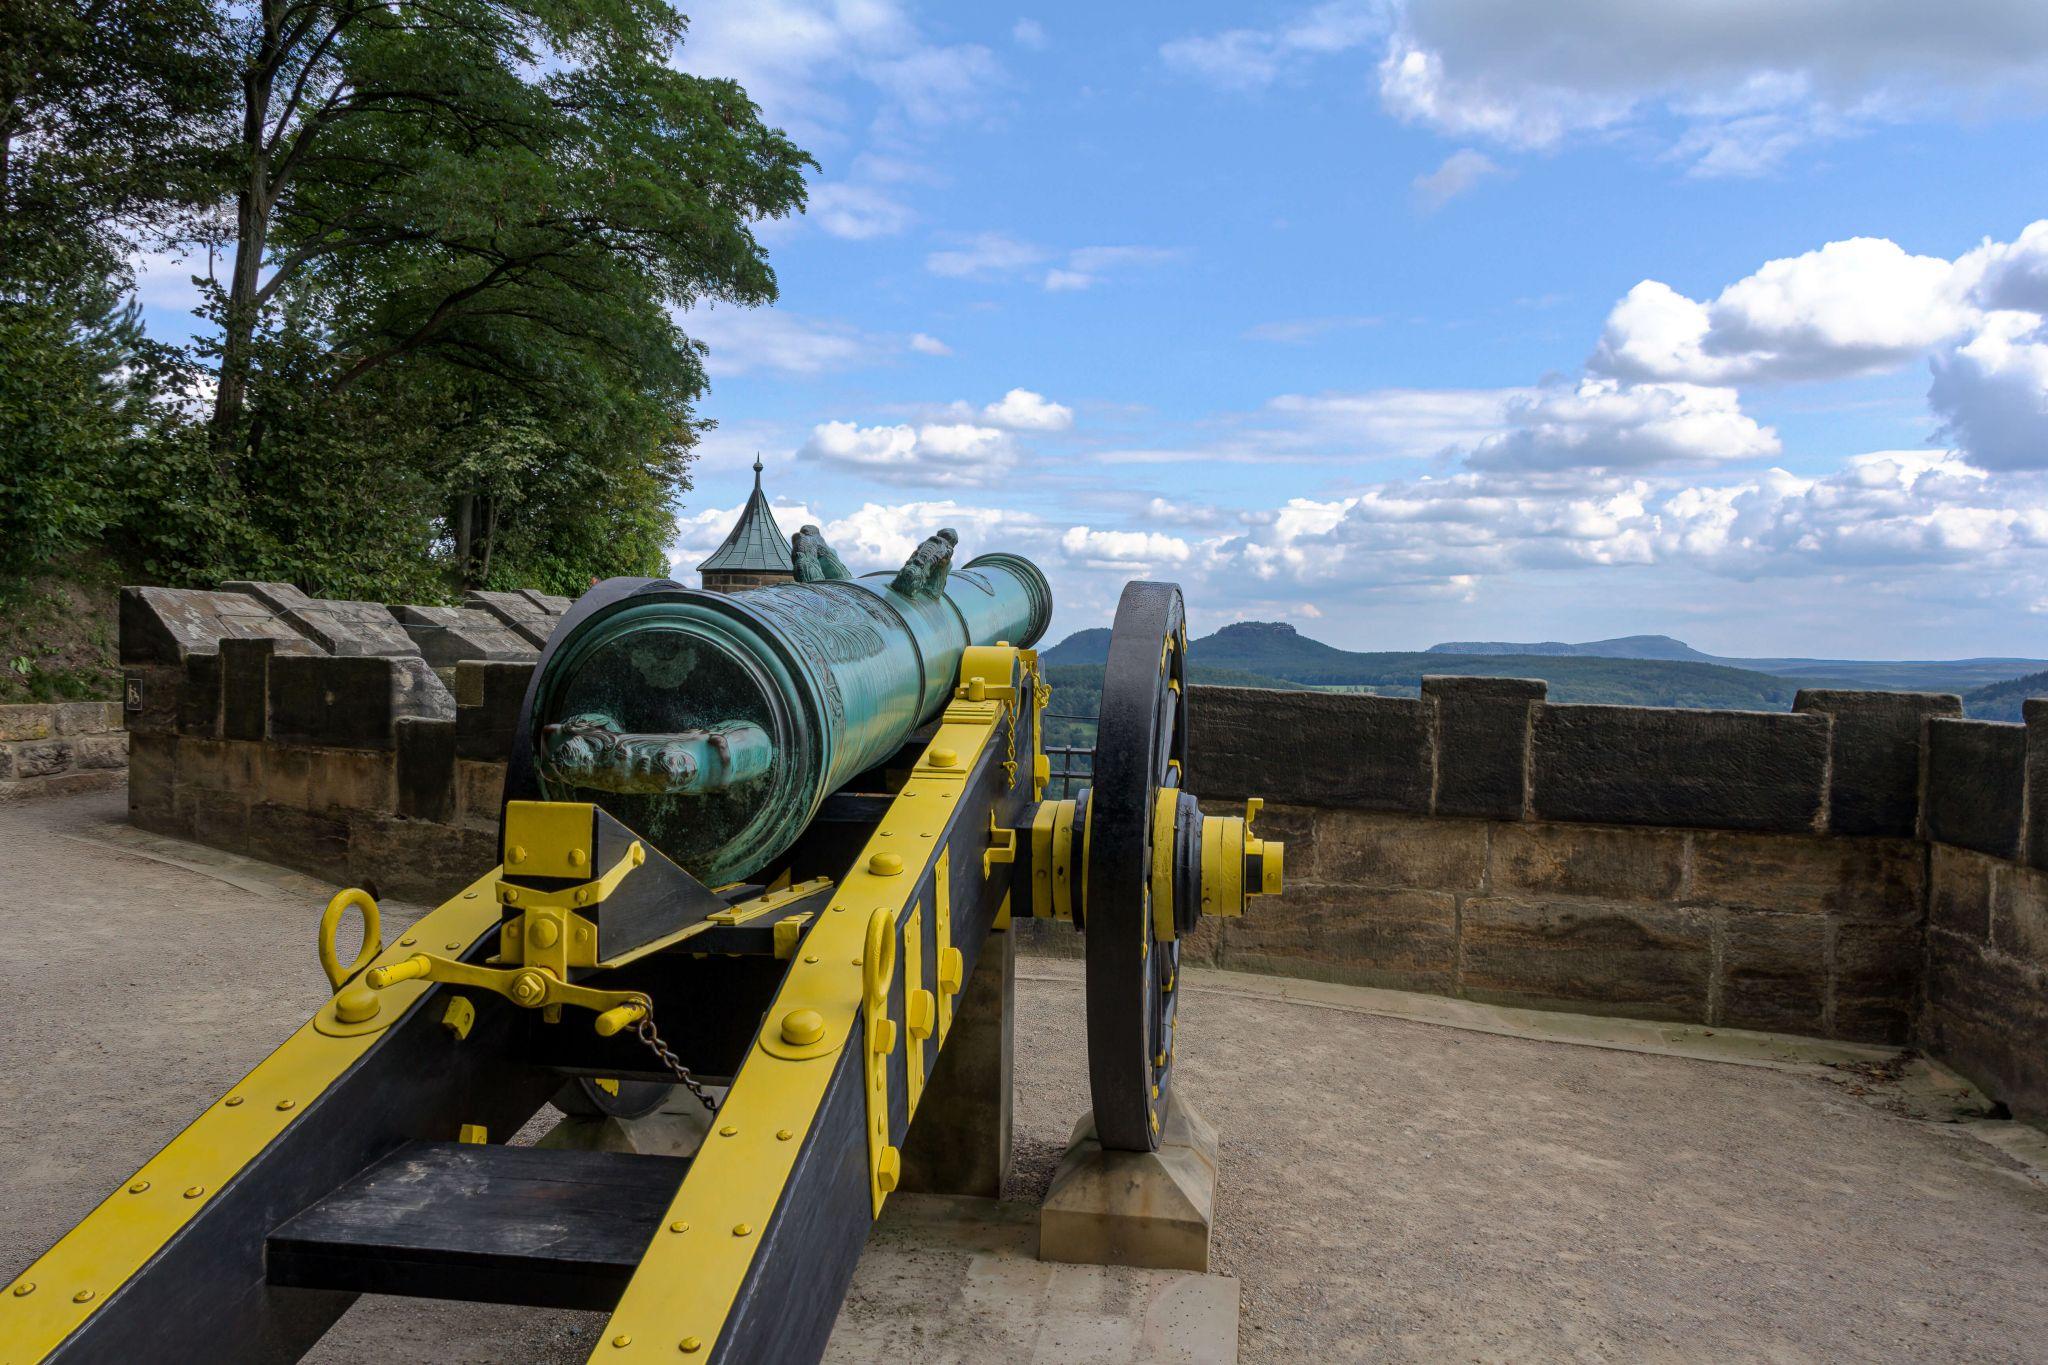 Koenigstein Fortress Gun, Germany